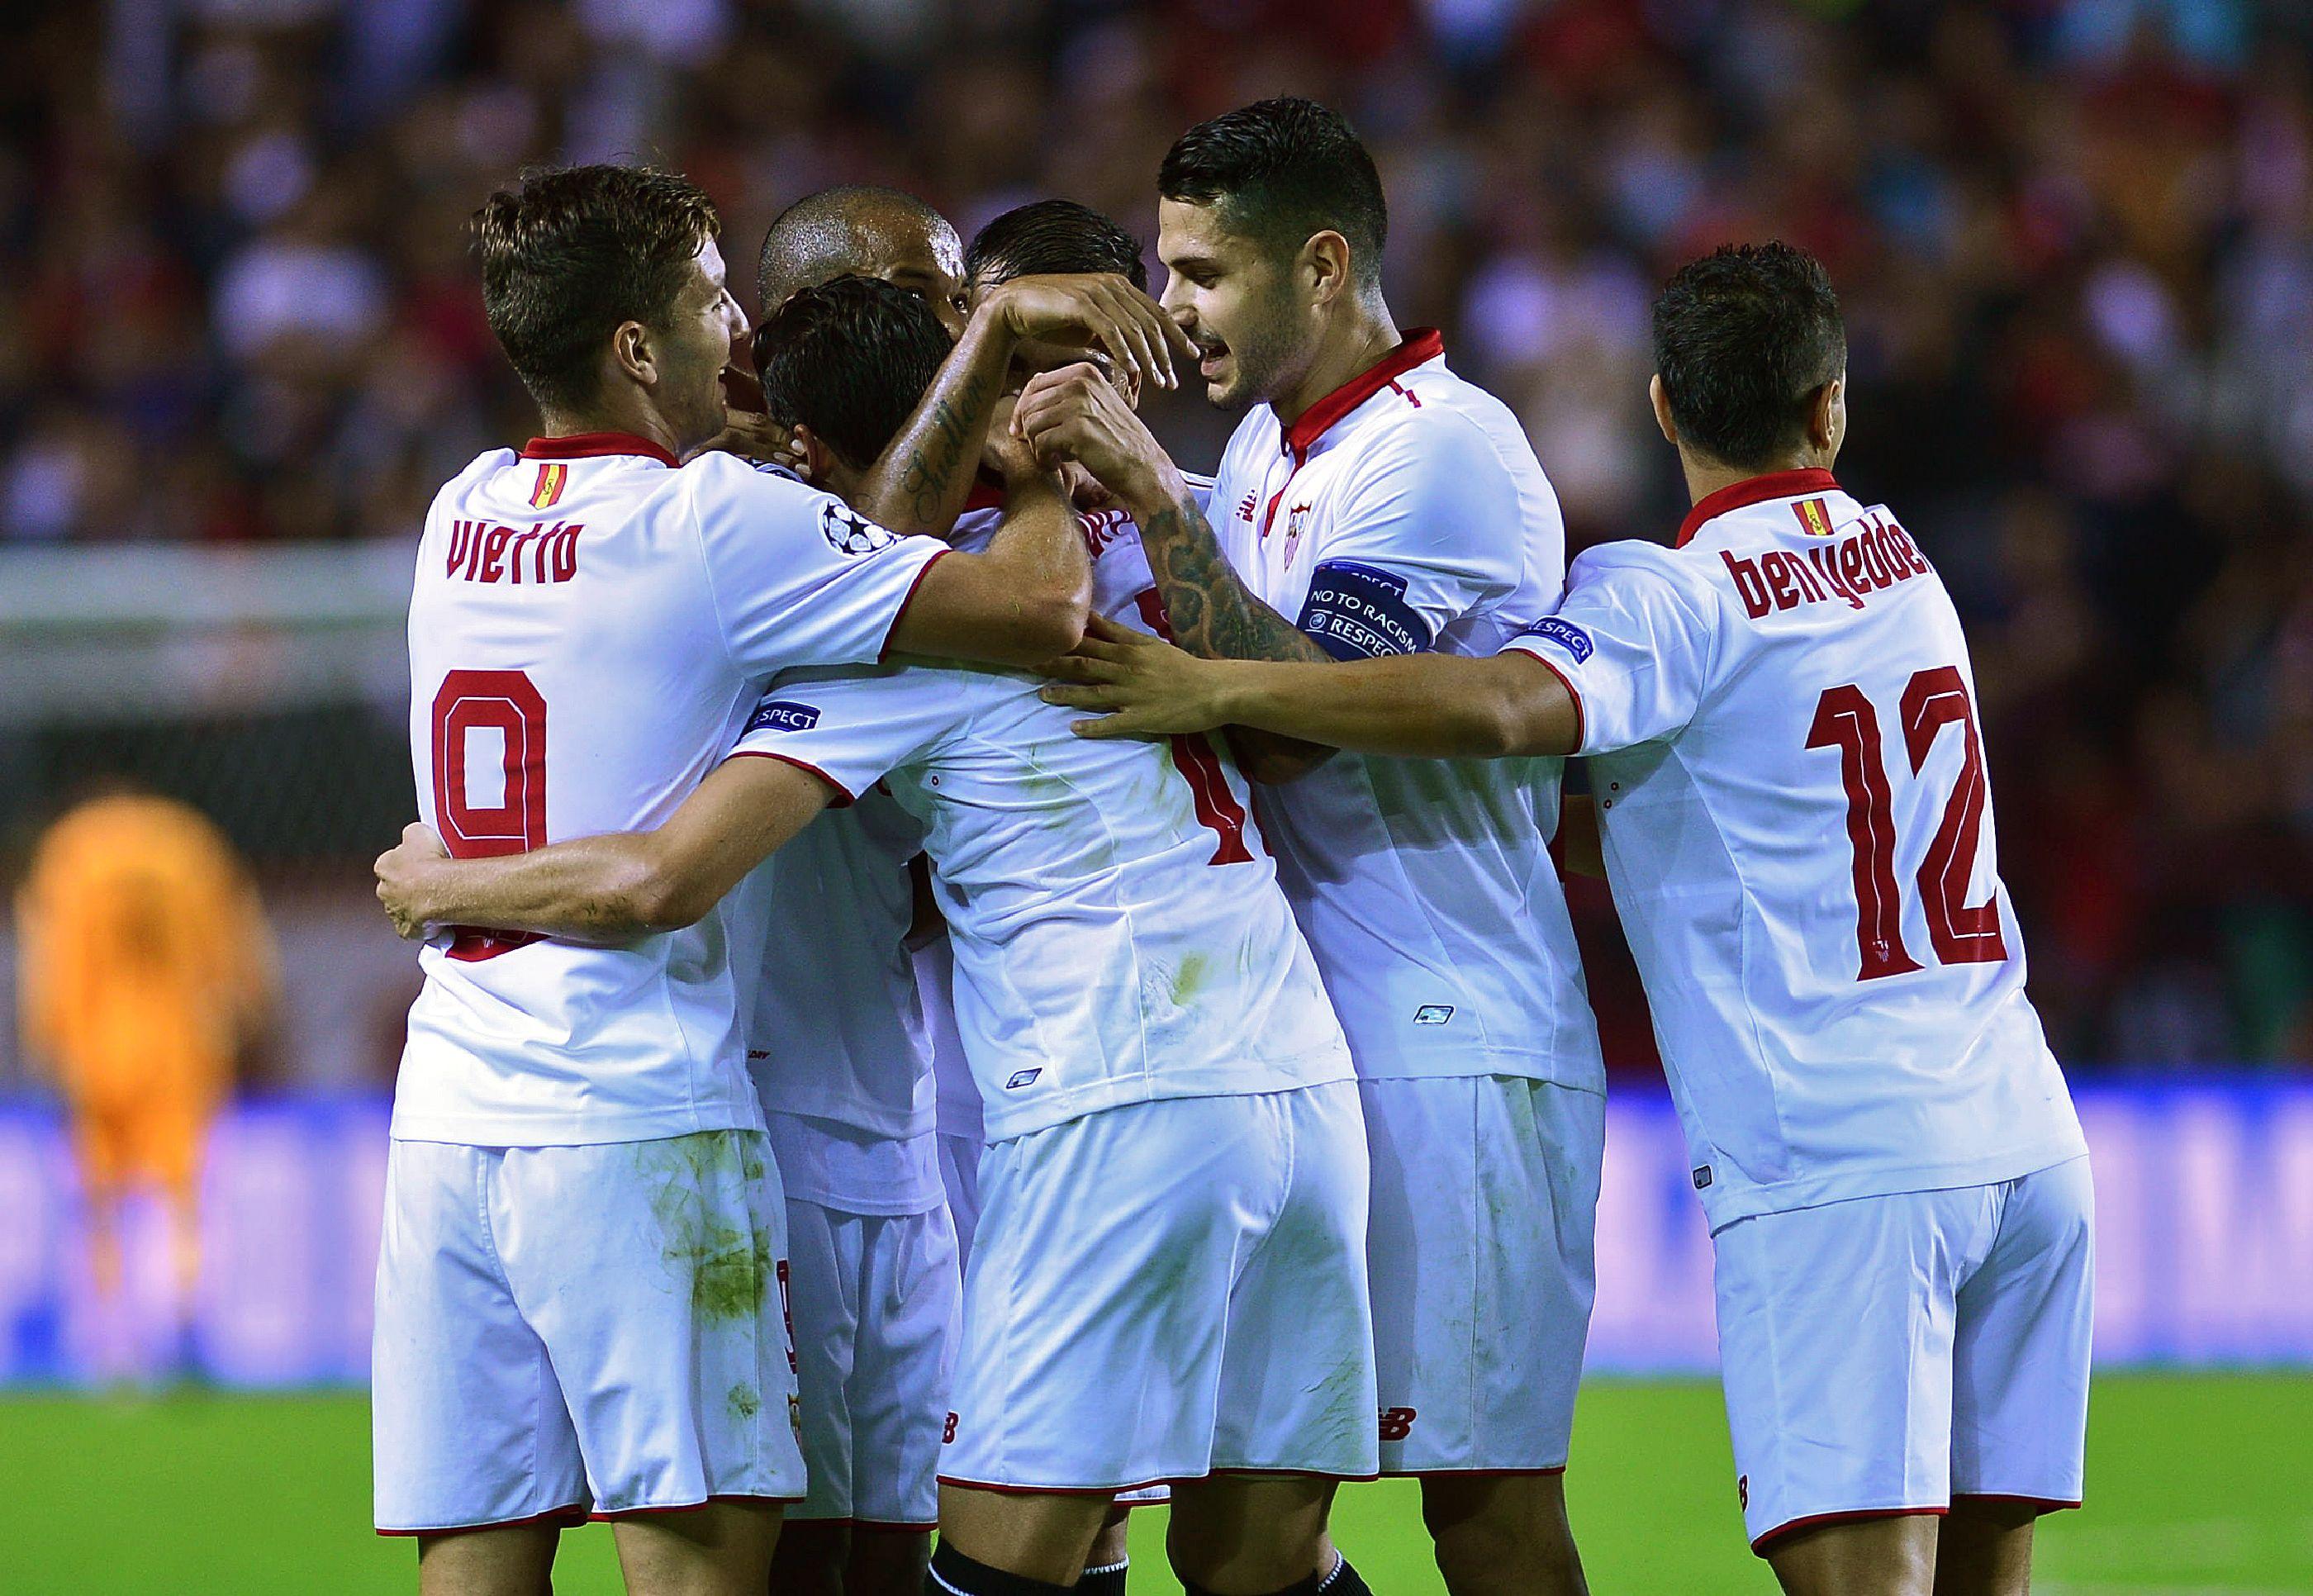 Sevilla de España goleó al Dinamo Zagreb de Croacia por 4 a 0 por la Champions League